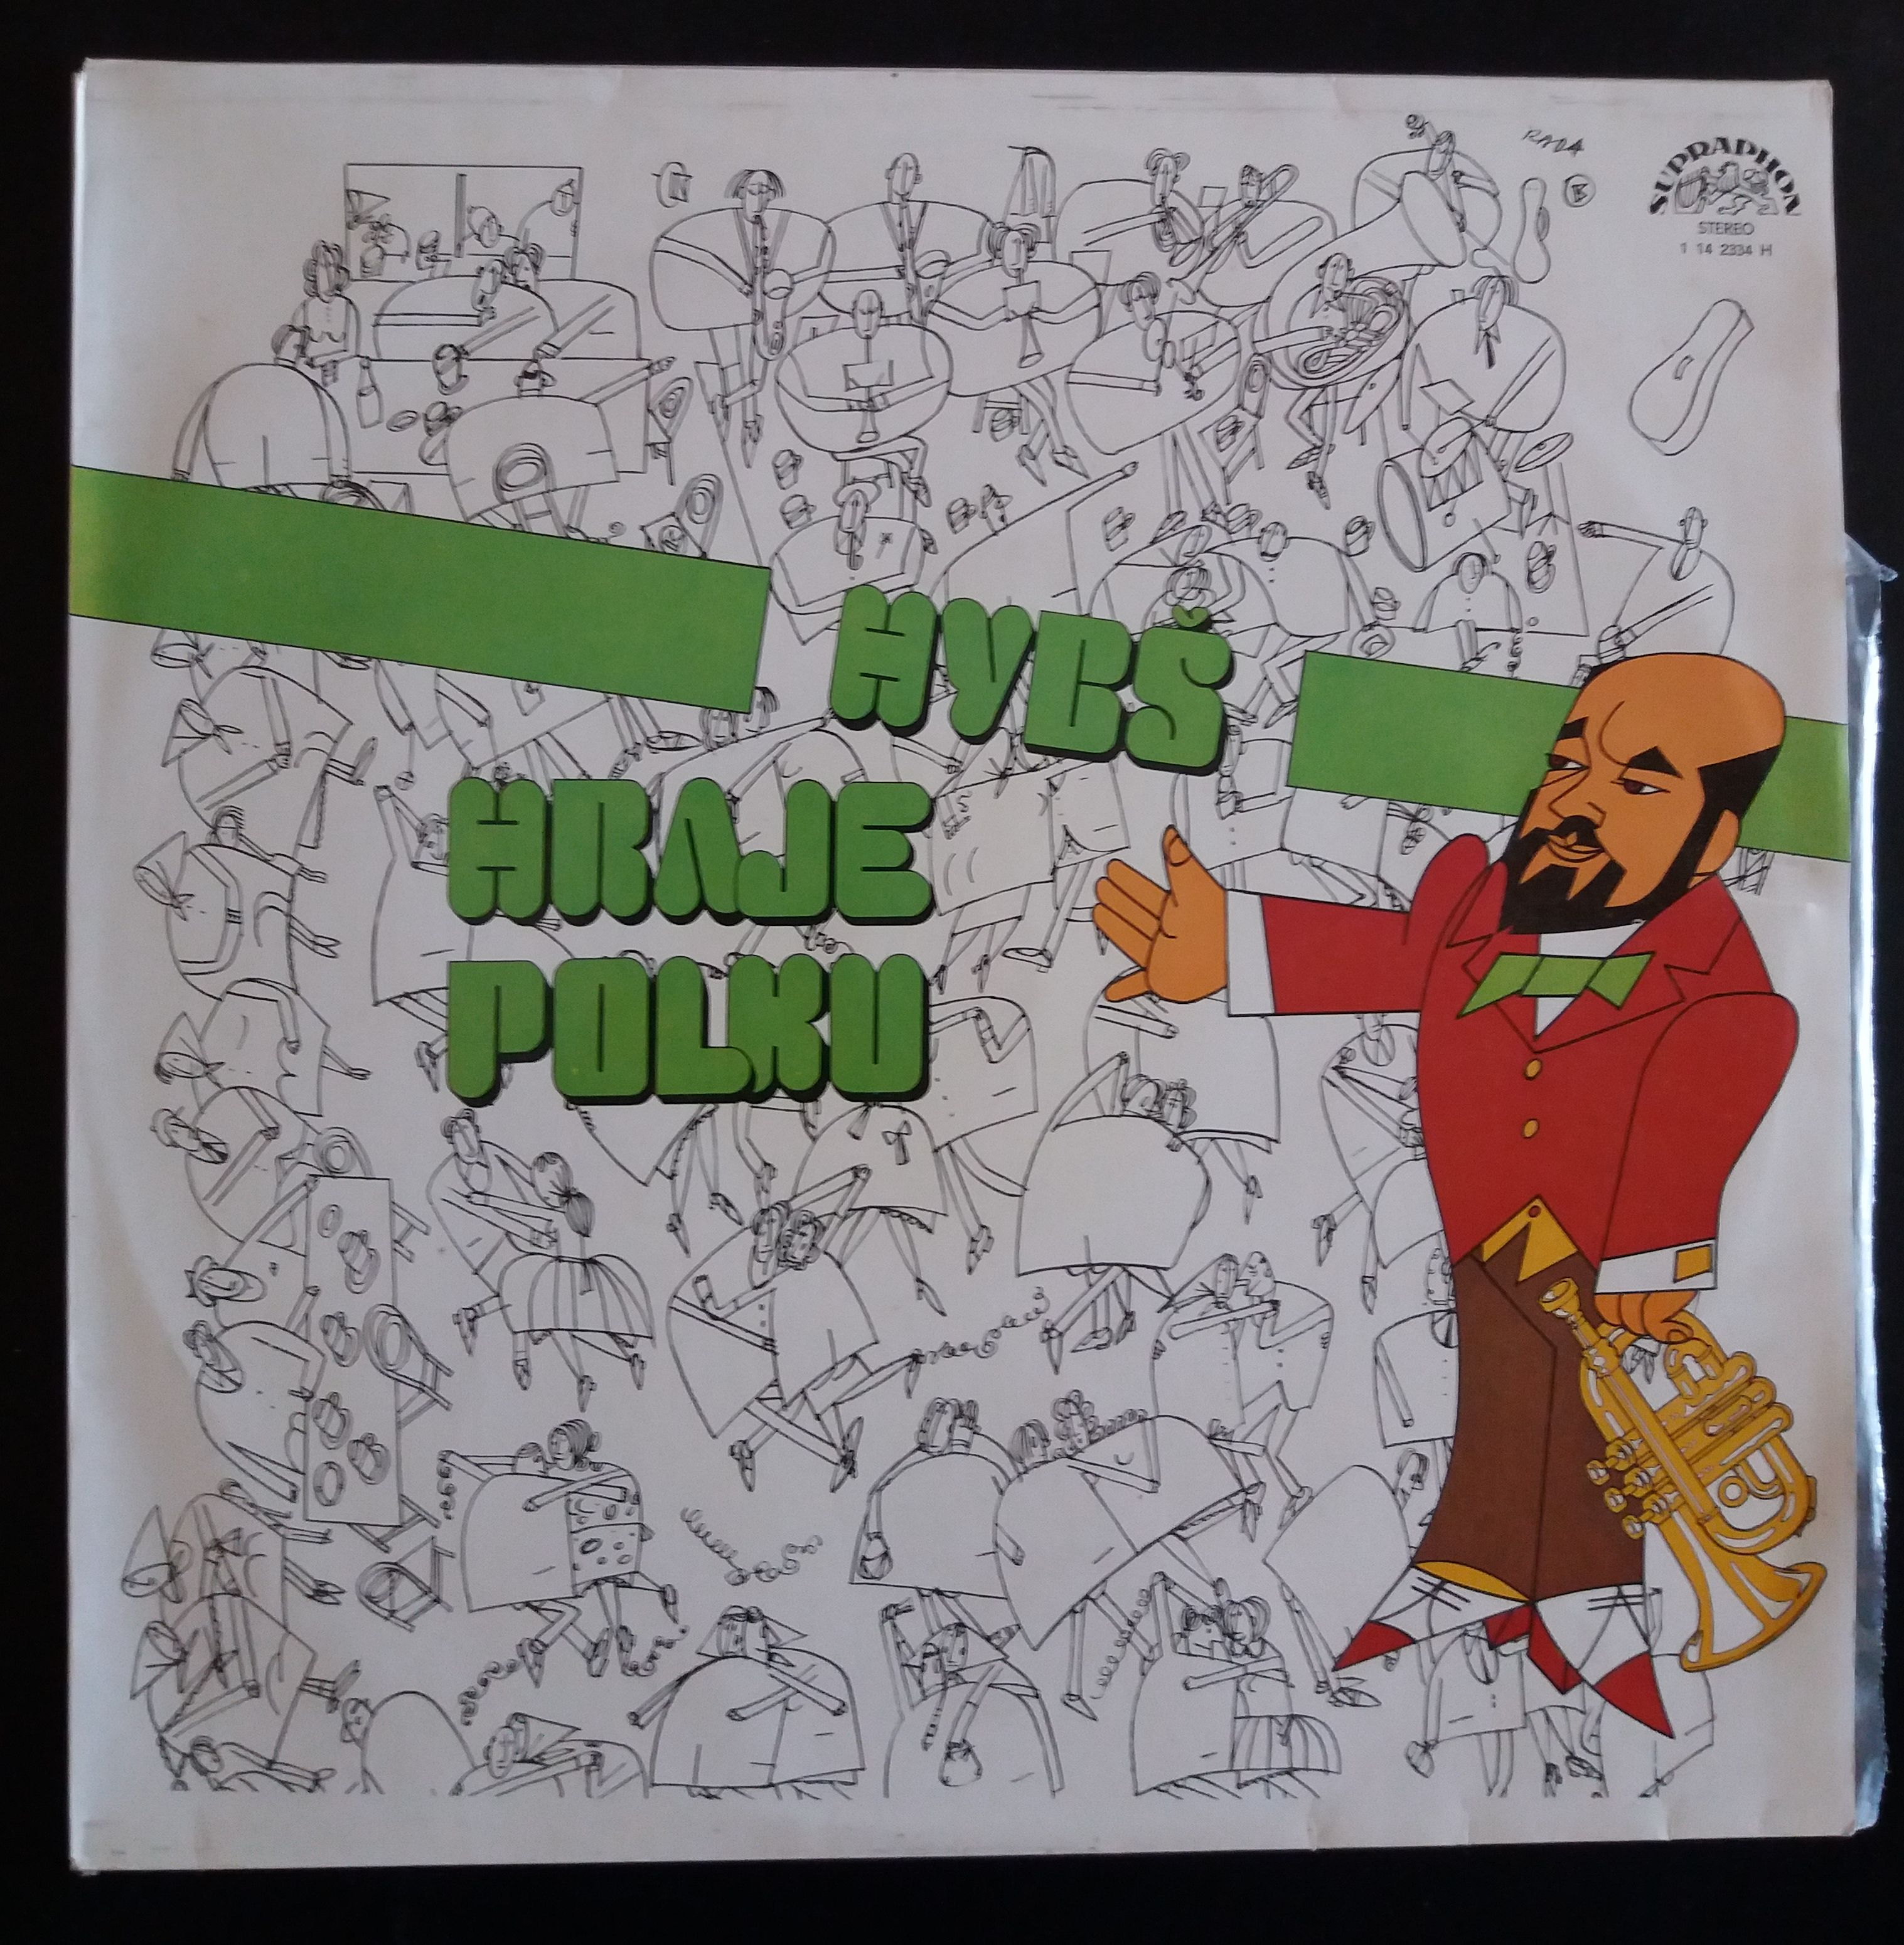 Hybš hraje polku (gramodeska, LP)